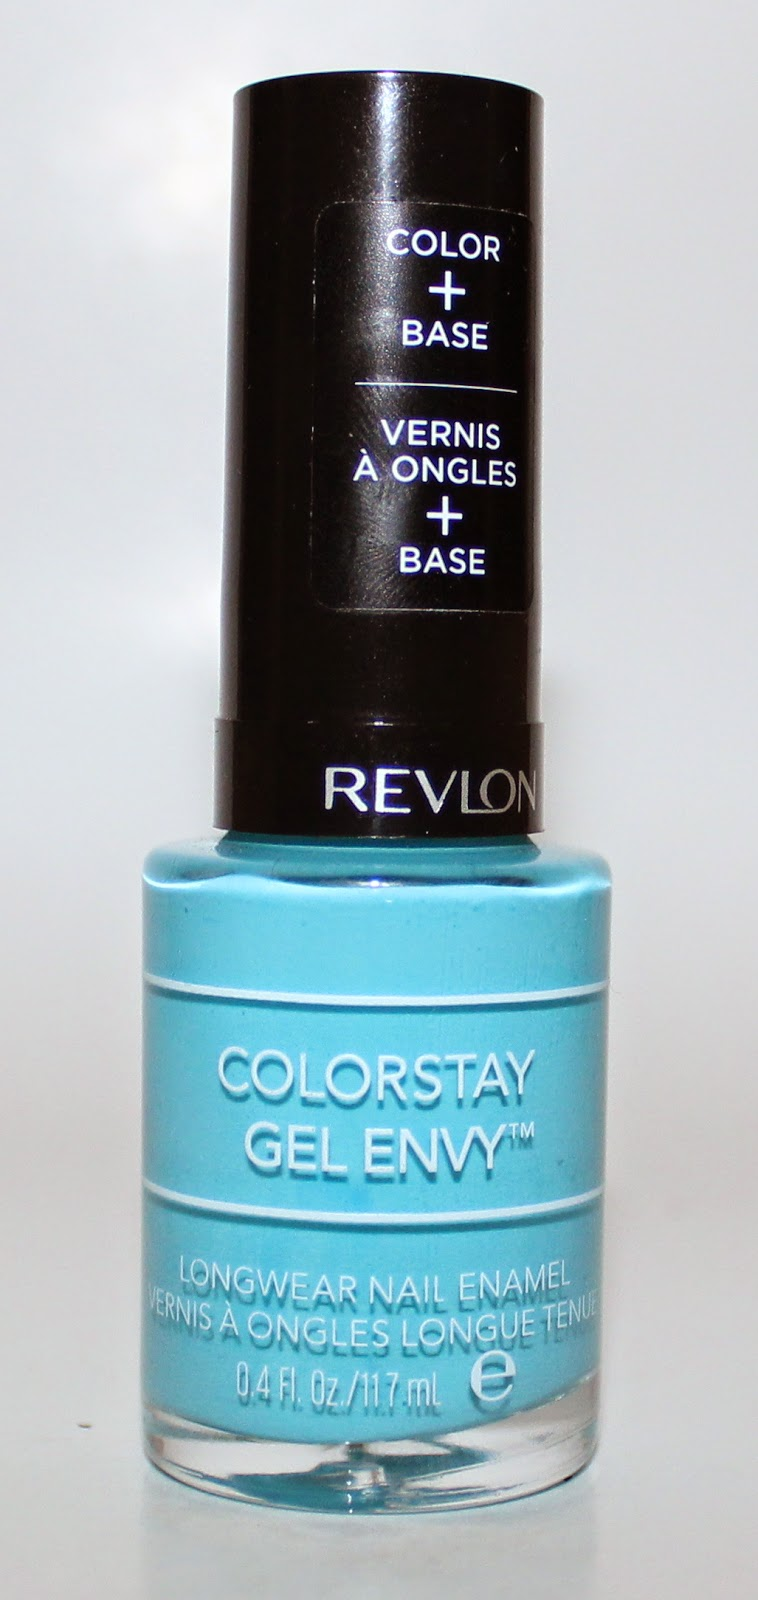 Revlon ColorStay Gel Envy Longwear Nail Enamel in Full House